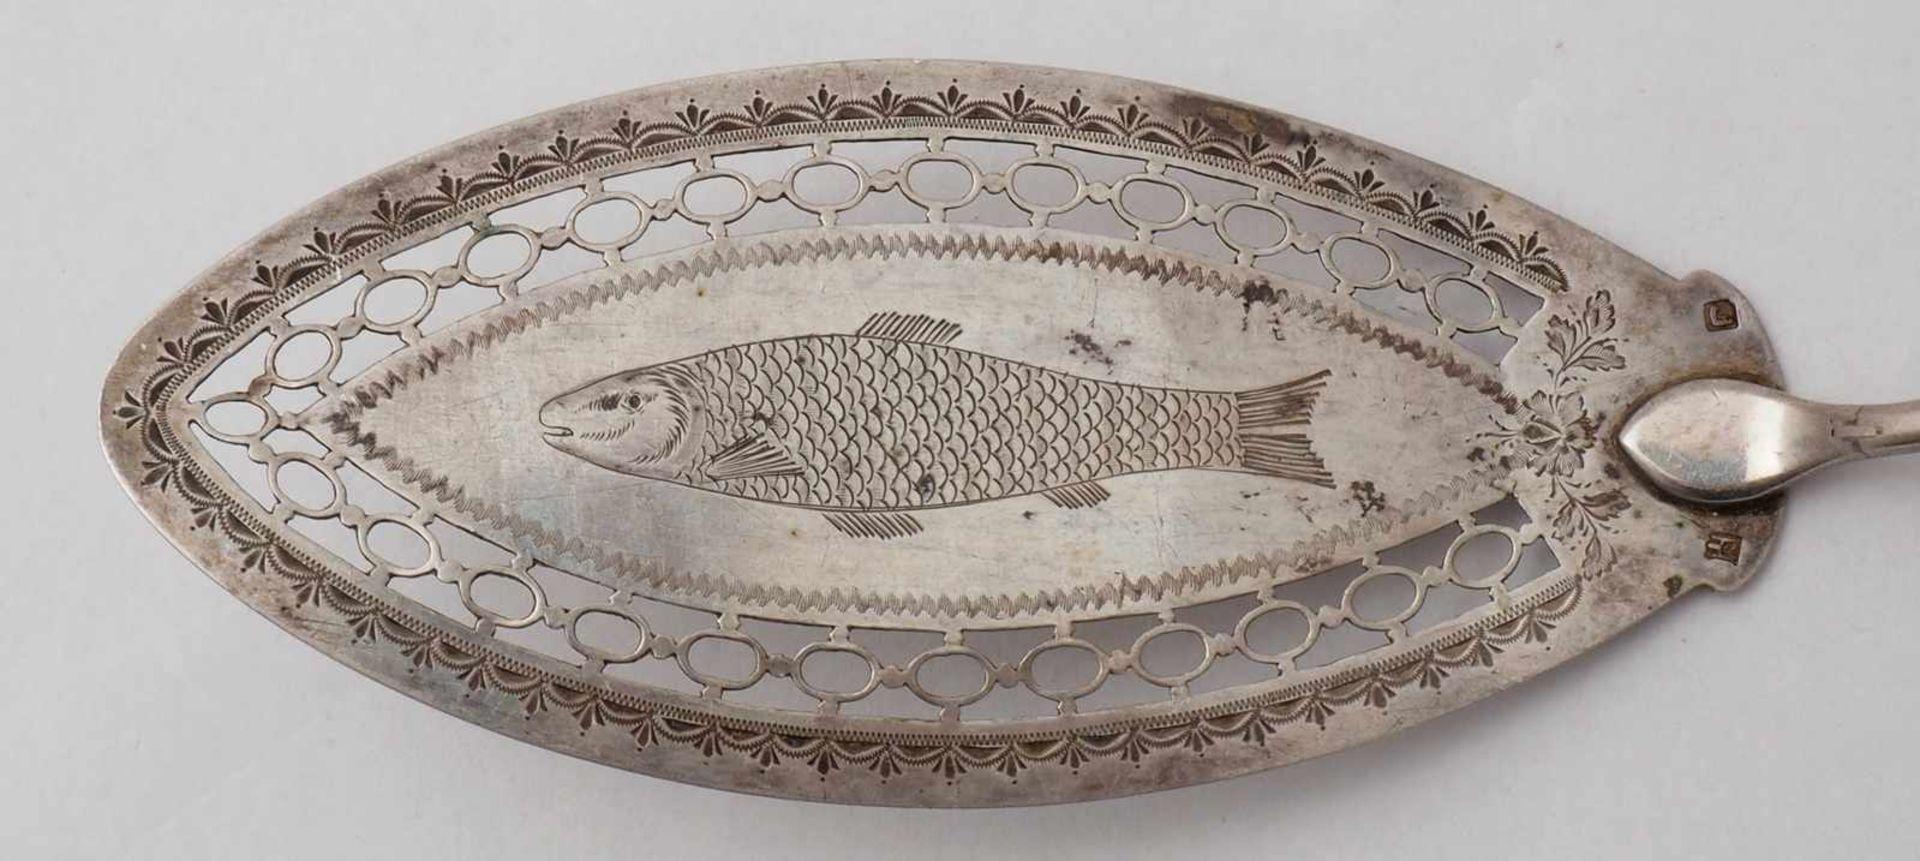 FischbesteckWohl Dänemark und England, 18. Jh. Silber. Fischbesteck für acht Personen mit - Bild 3 aus 8